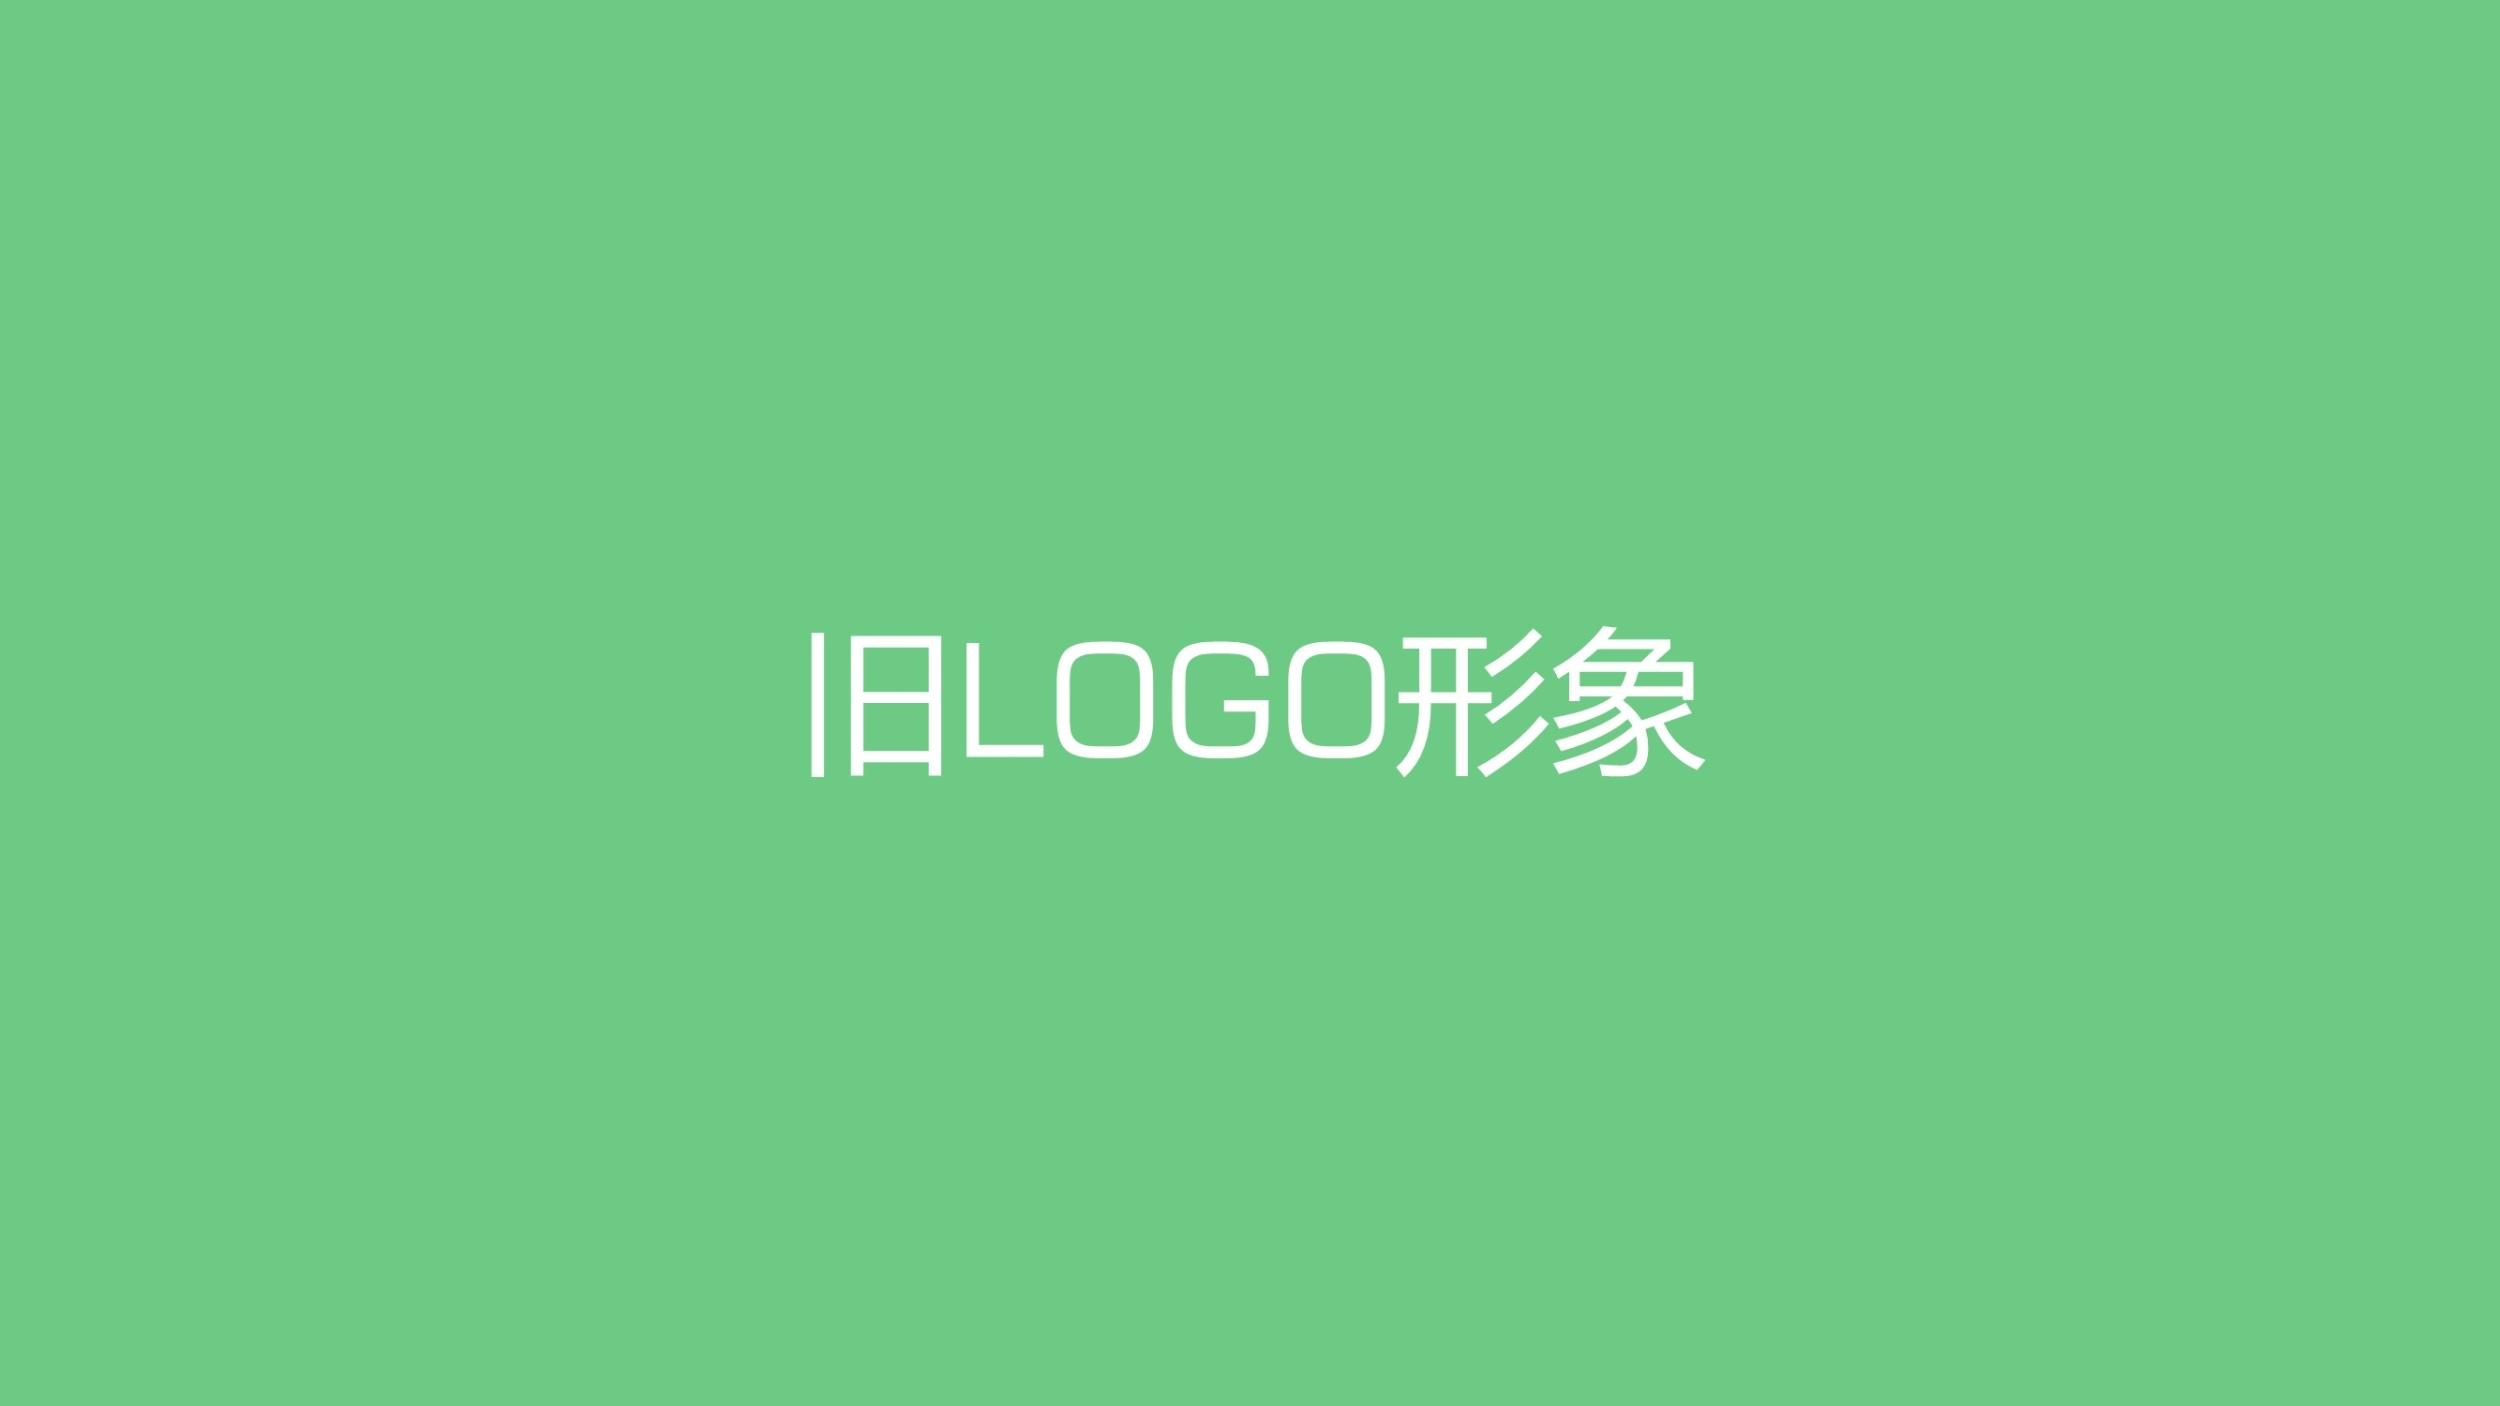 四川郎霖农业科技有限公司2